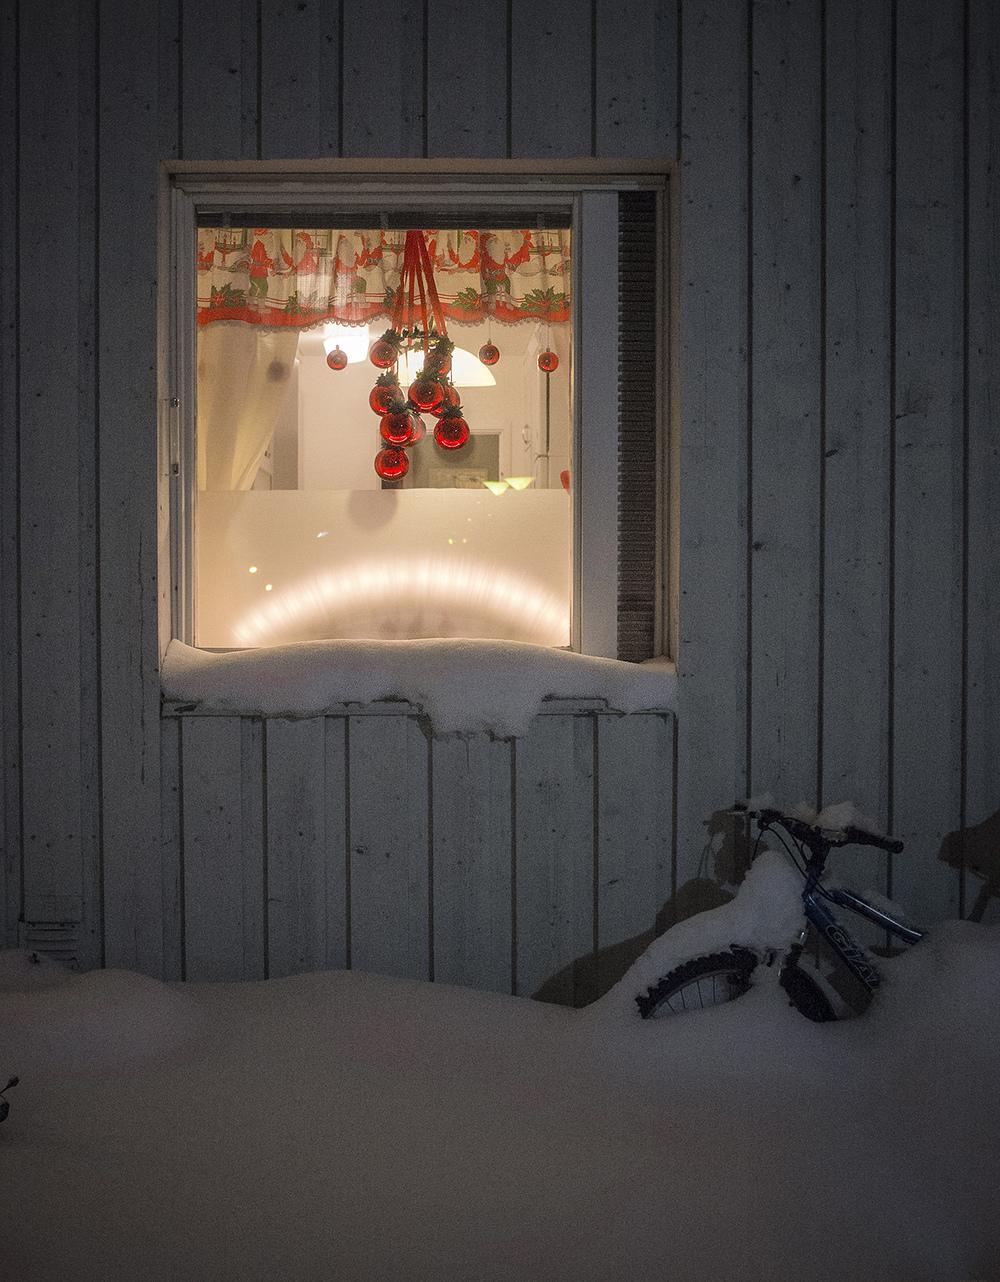 Krister Hägglund - Lux / Christmas lights / 2012-16